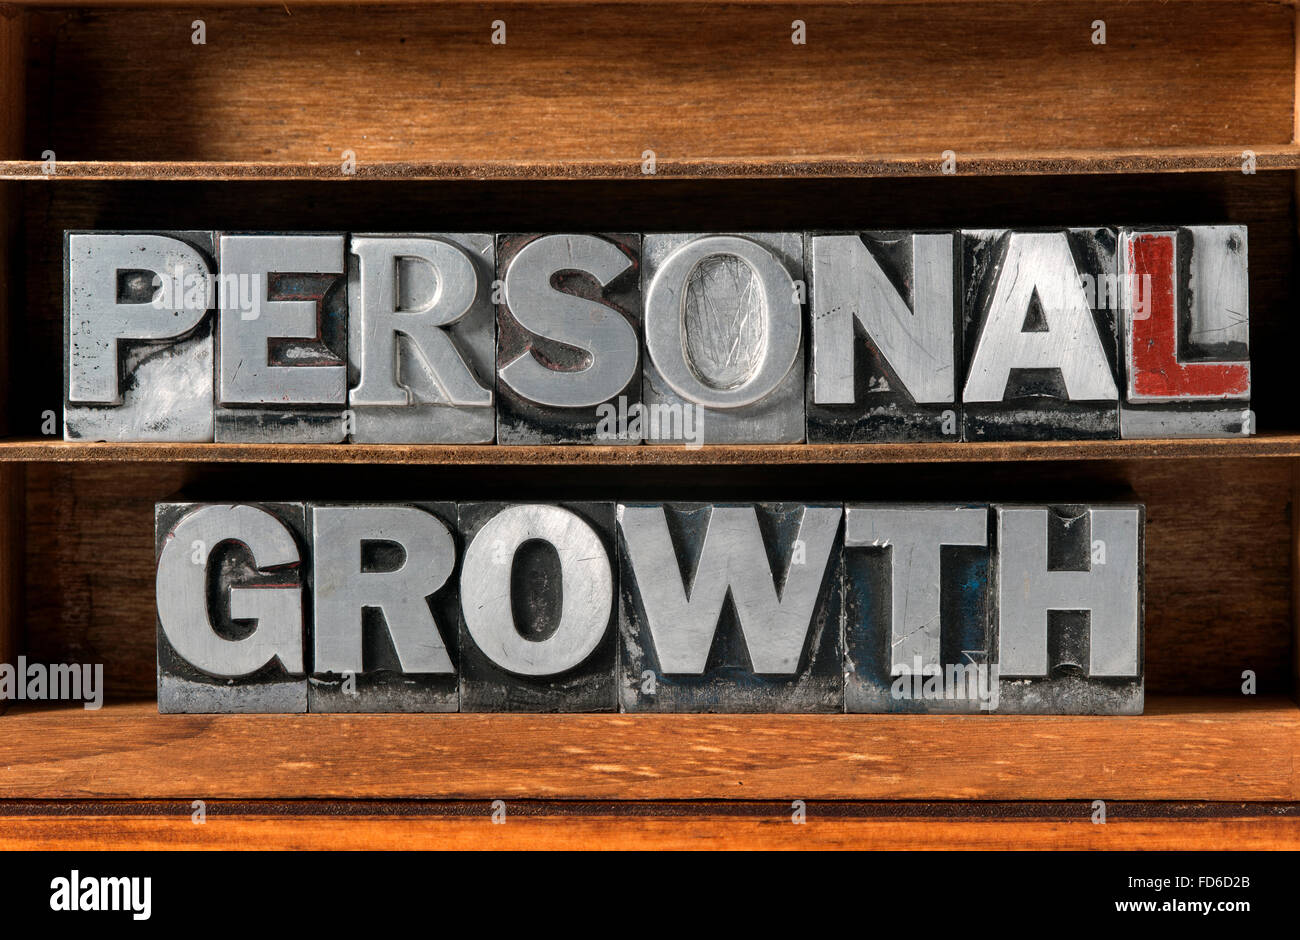 Crecimiento personal frase hecha de tipografía metálica en bandeja de madera Imagen De Stock